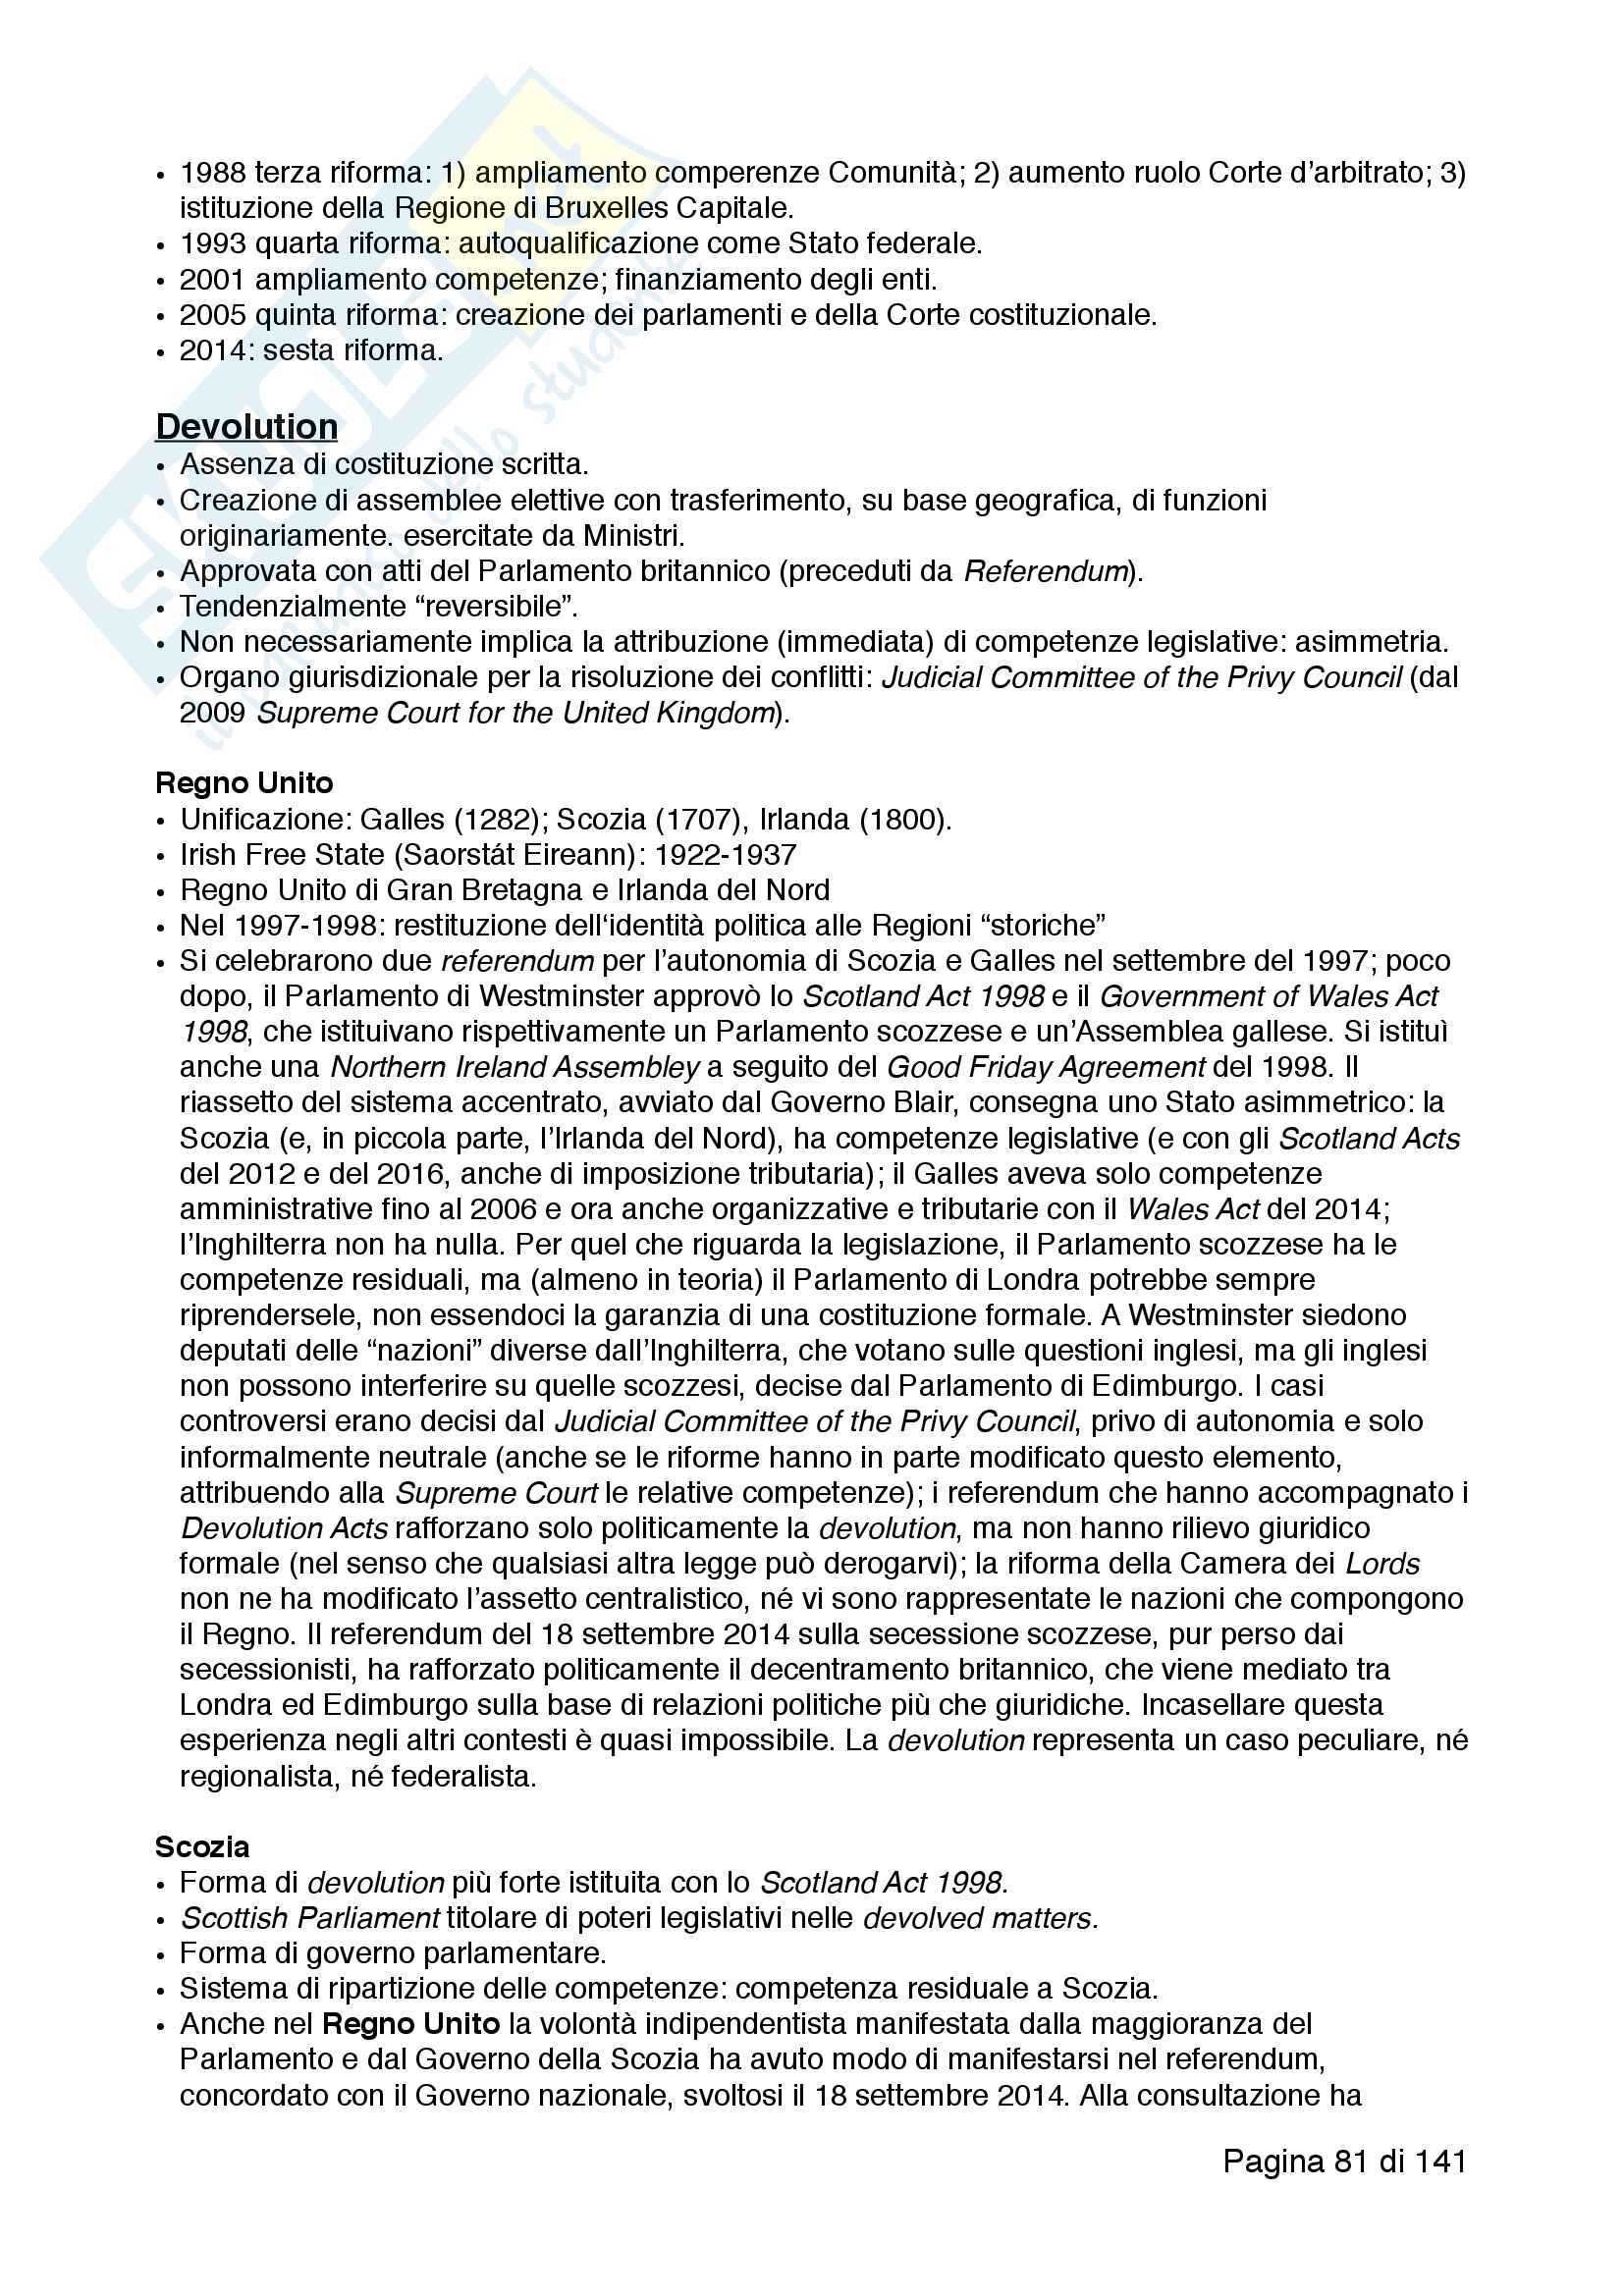 Riassunto esame Diritto Pubblico Comparato, prof. Nicolini, libro consigliato Materiali essenziali per un corso di diritto pubblico comparato e La famiglia giuridica 'mista' dell'Africa australe Pag. 81